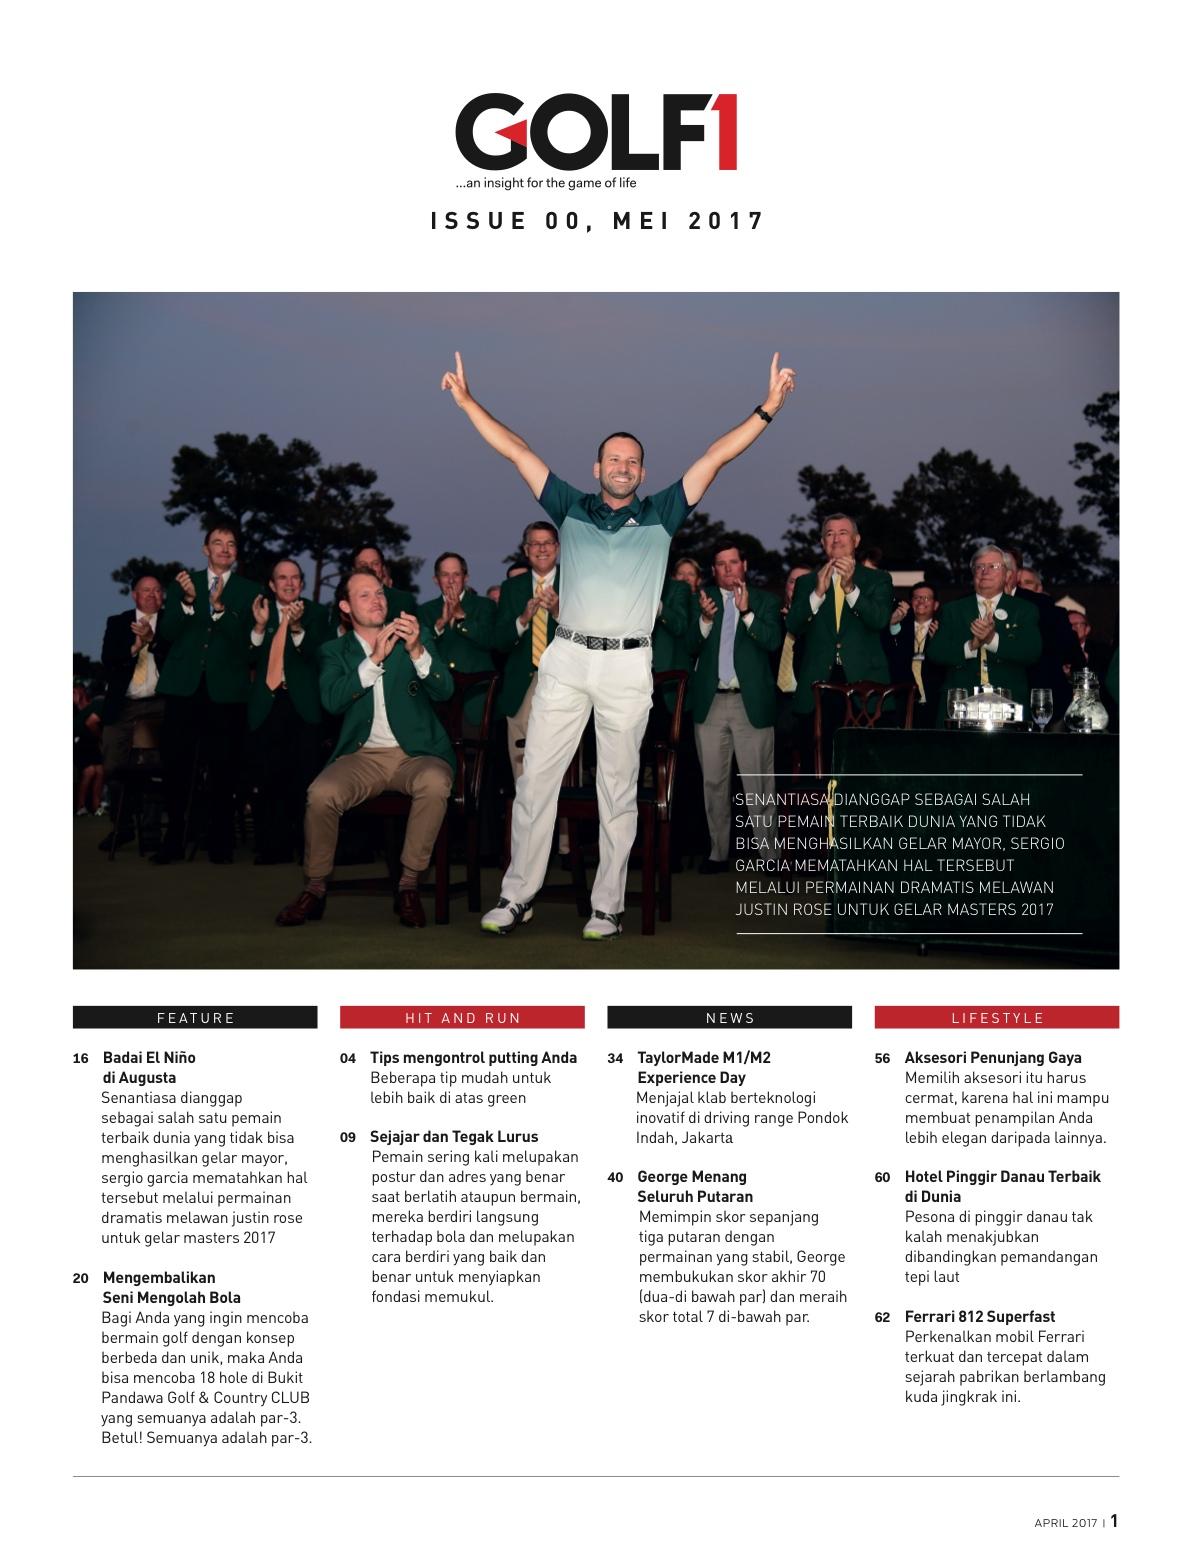 Cara Memukul Bola Golf Yang Benar : memukul, benar, .indd